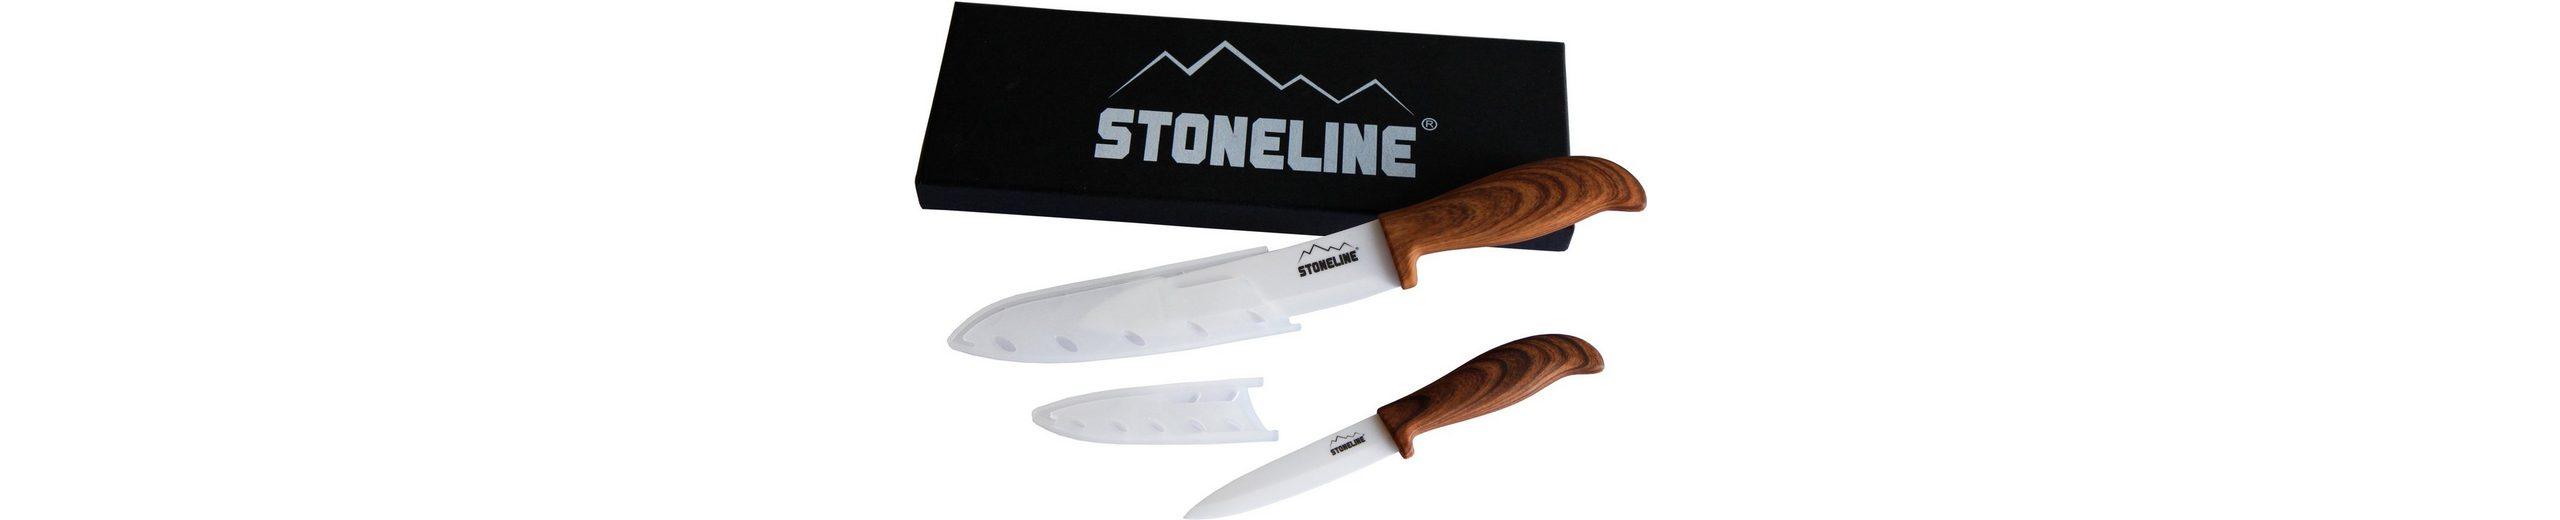 STONELINE® Keramikmesser Set (2tlg.)